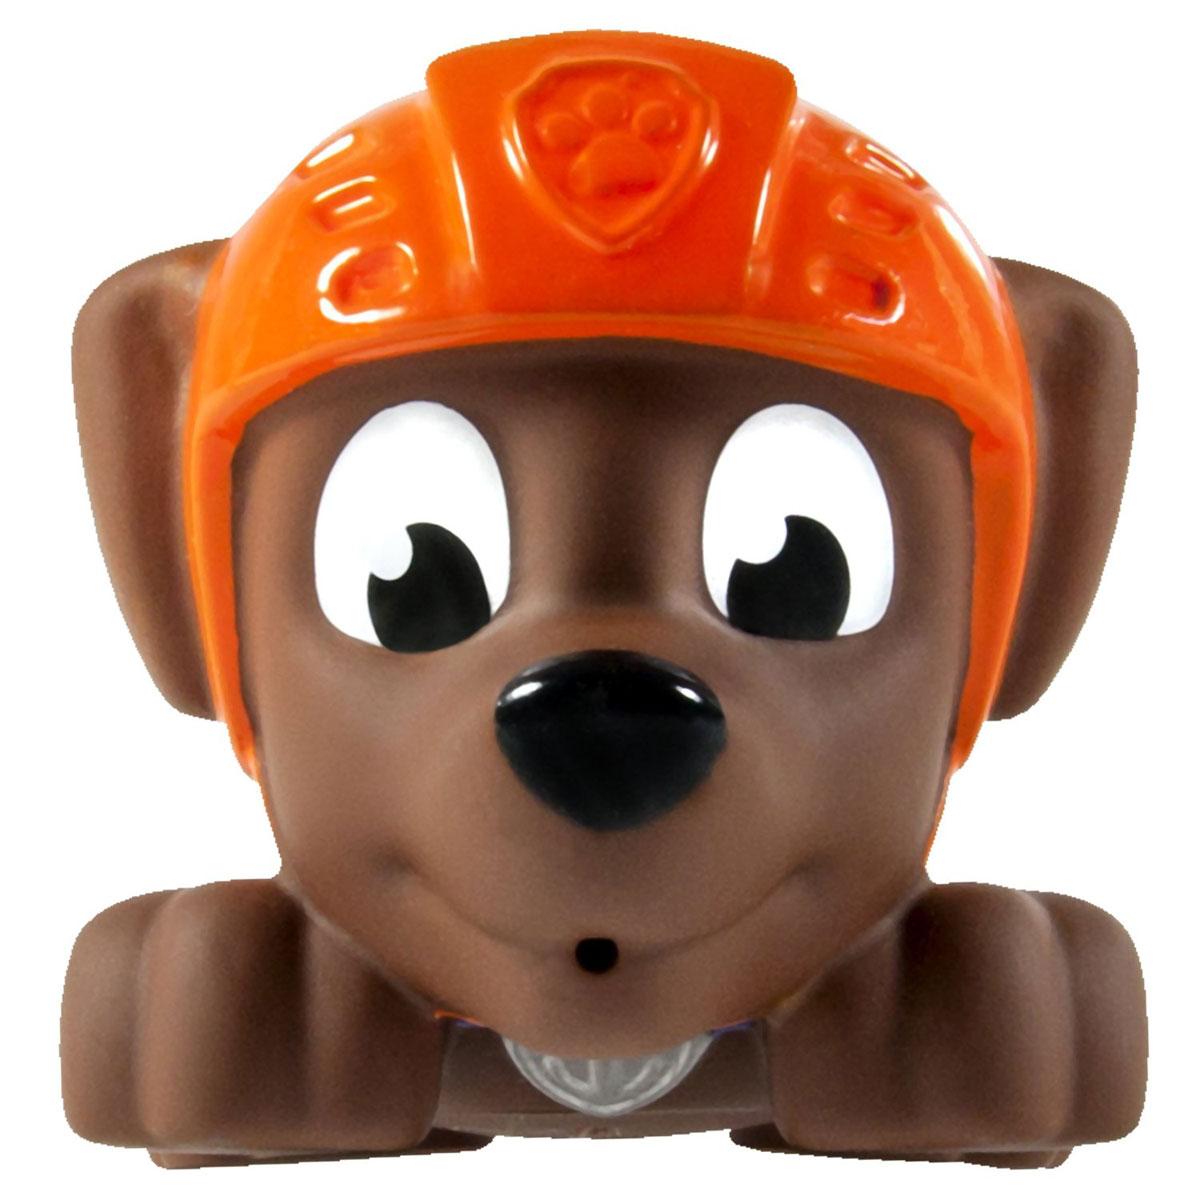 Paw Patrol Игрушка для ванной Zuma16629_20068431Paw Patrol Игрушка для ванной Zuma понравится вашему ребенку и развлечет его во время купания. Она выполнена из безопасного материала в виде героя мультсериала Щенячий патруль. Размер игрушки идеален для маленьких ручек малыша. Если сжать ее во время купания в ванне, игрушка начинает забавно брызгаться водой. Игрушка для ванной способствует развитию воображения, цветового восприятия, тактильных ощущений и мелкой моторики рук.